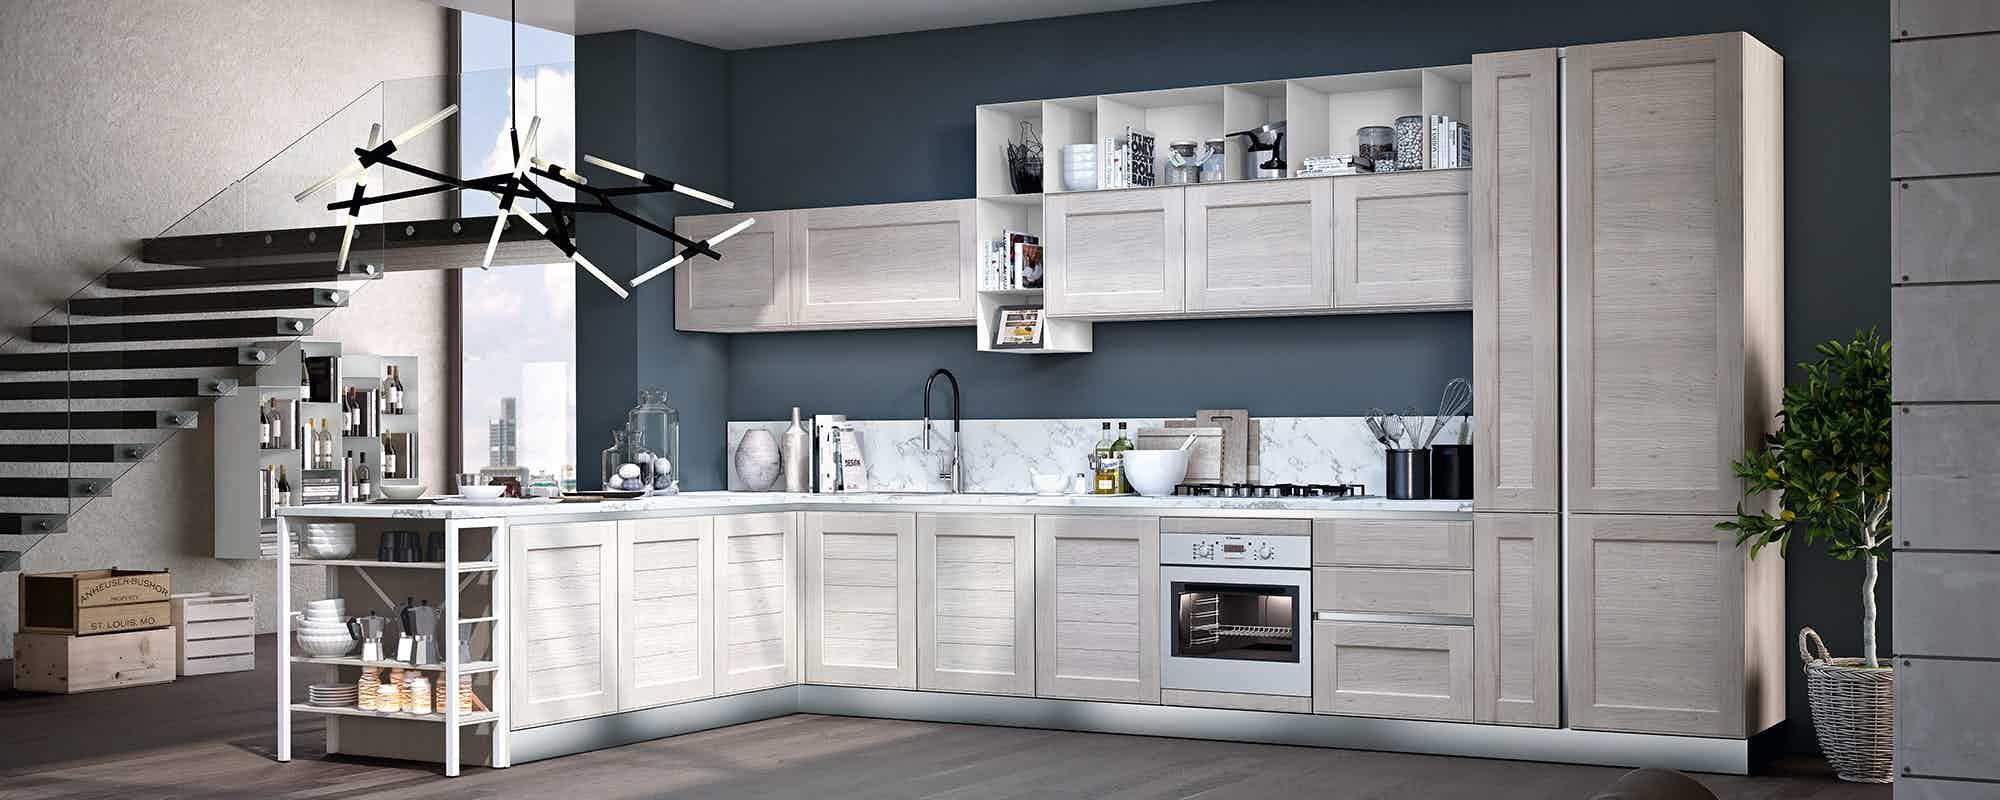 cucine moderne contemporanee stosa - modello cucina york 06 | blanco ...